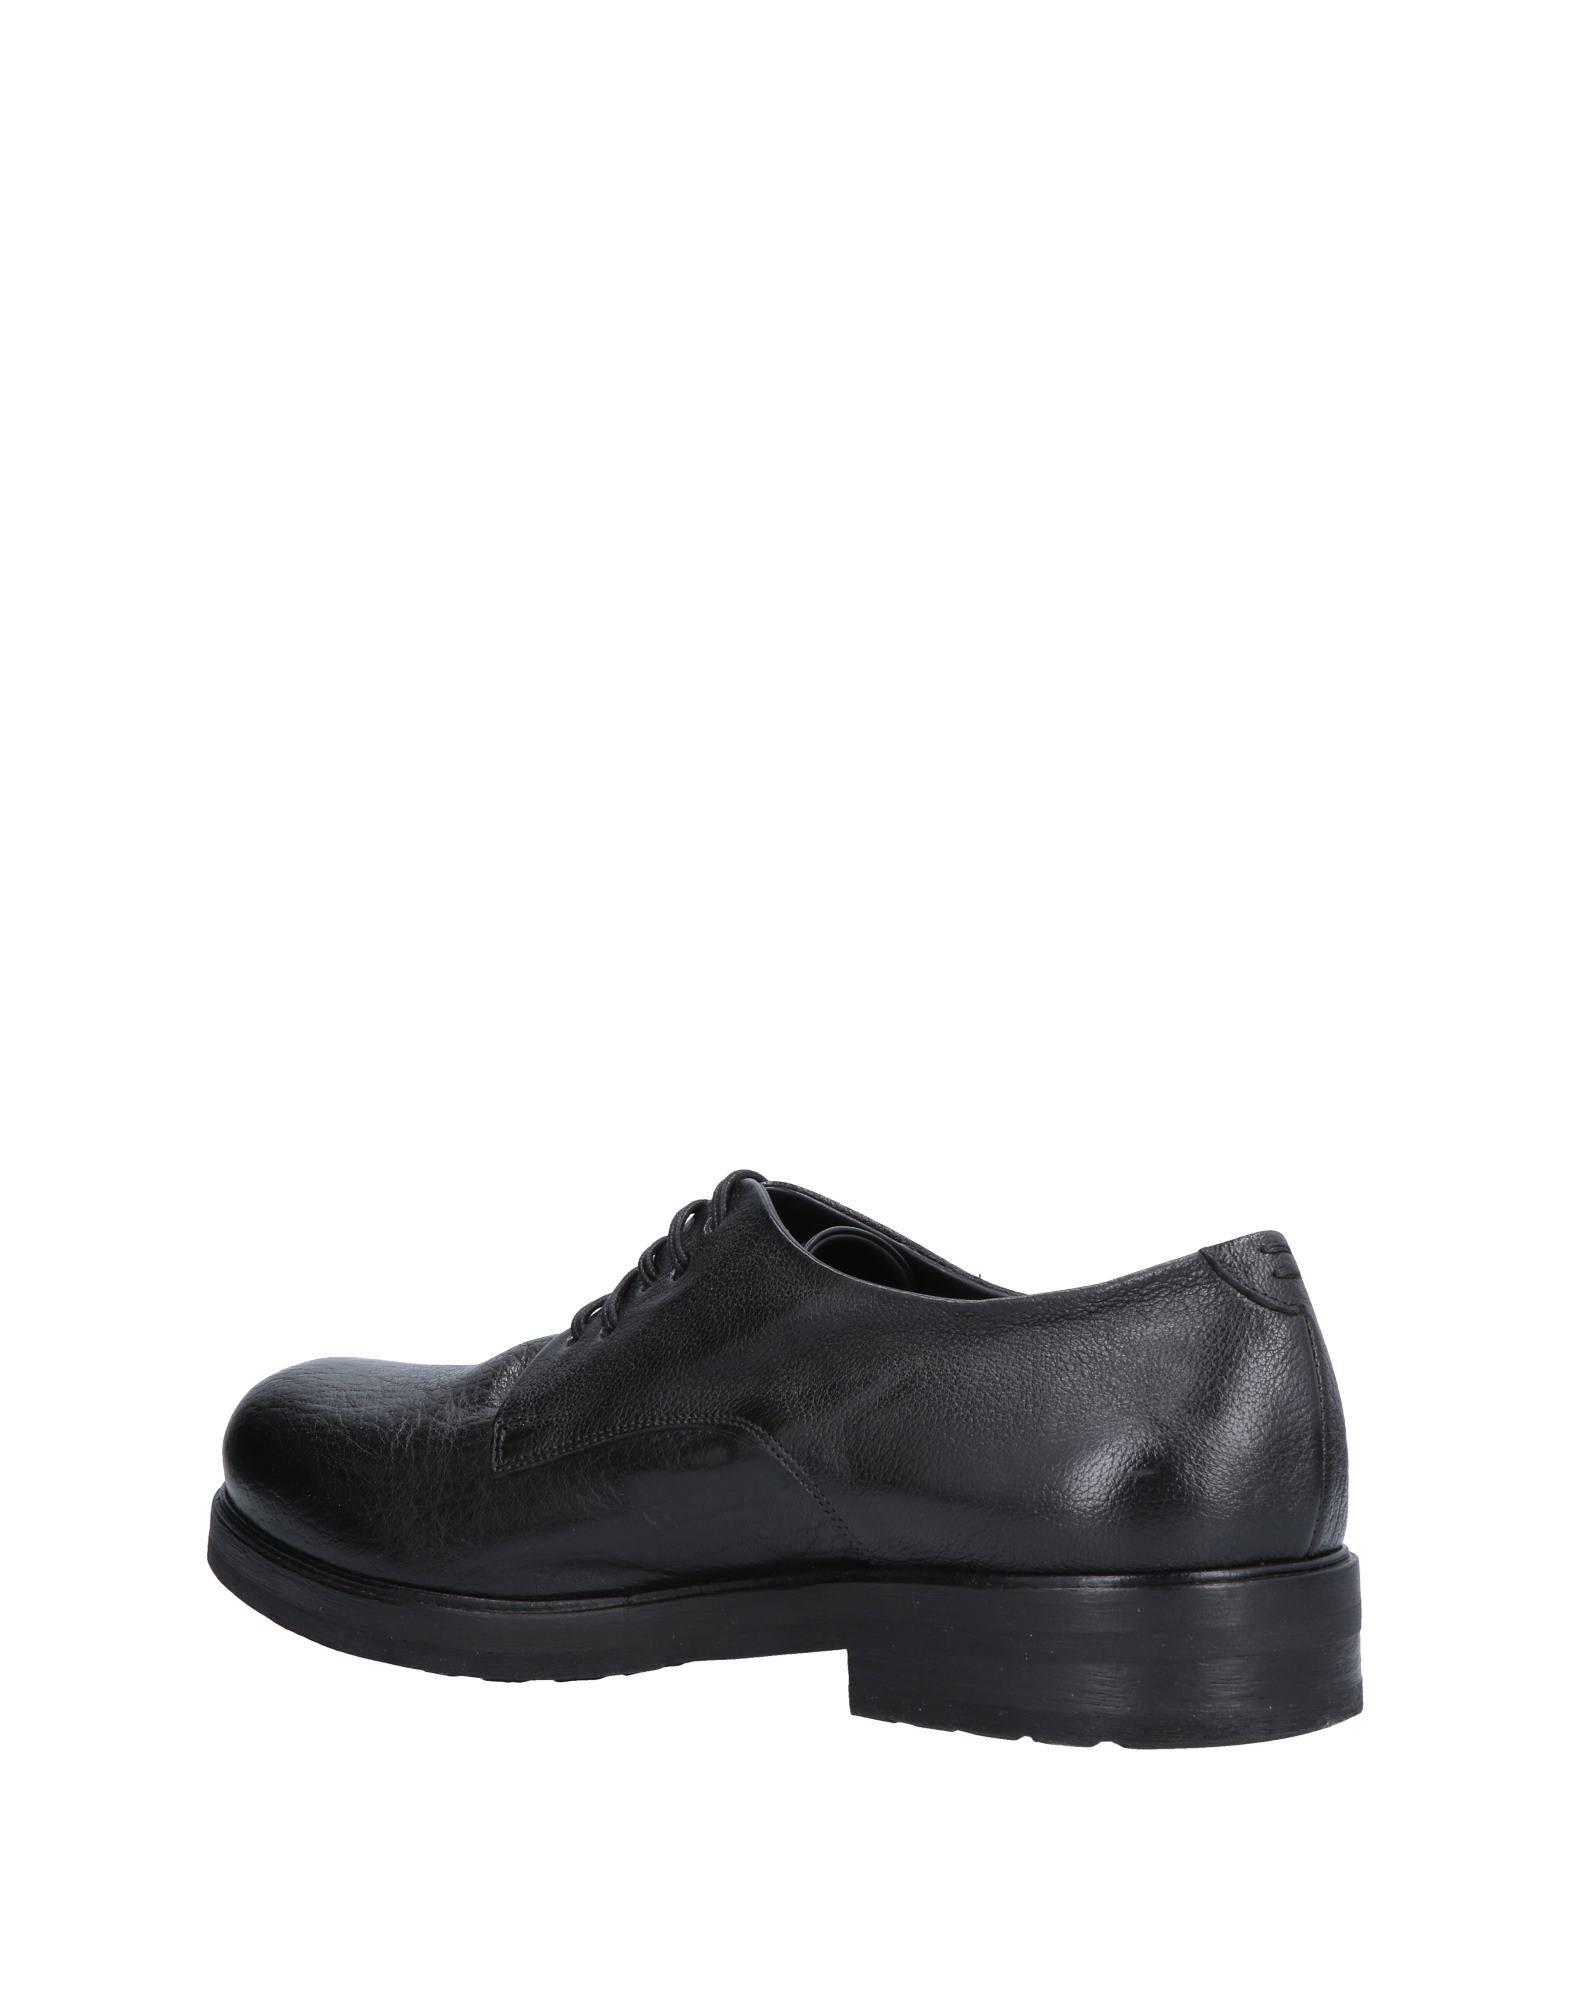 Halmanera Schnürschuhe Herren  Schuhe 11503437UN Heiße Schuhe  adff96